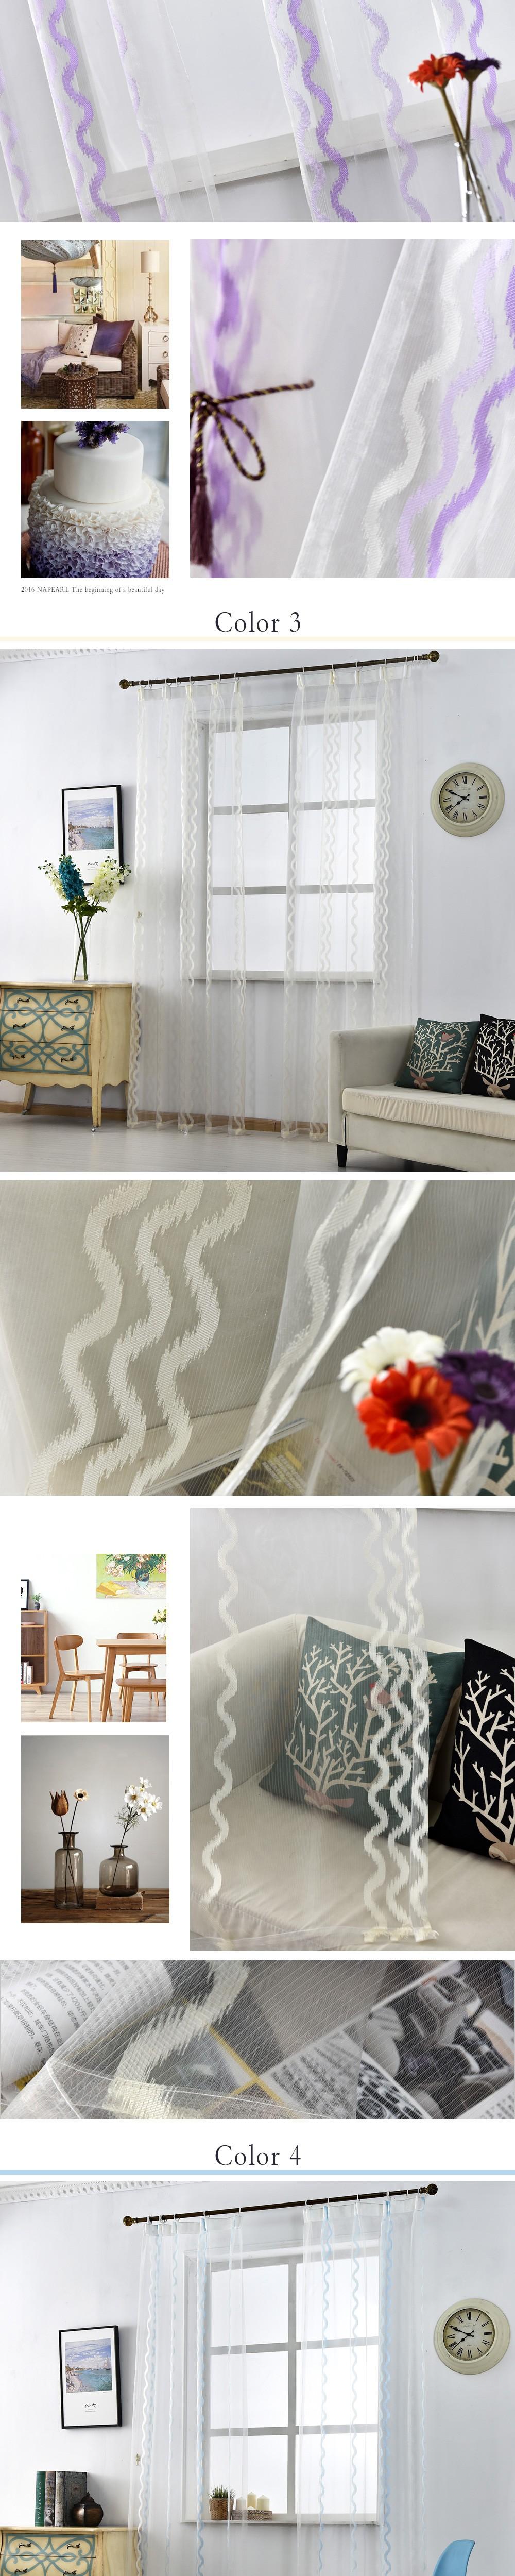 Telas cortinas Sheer corto blanco hecho jacquard tulle stirped ...